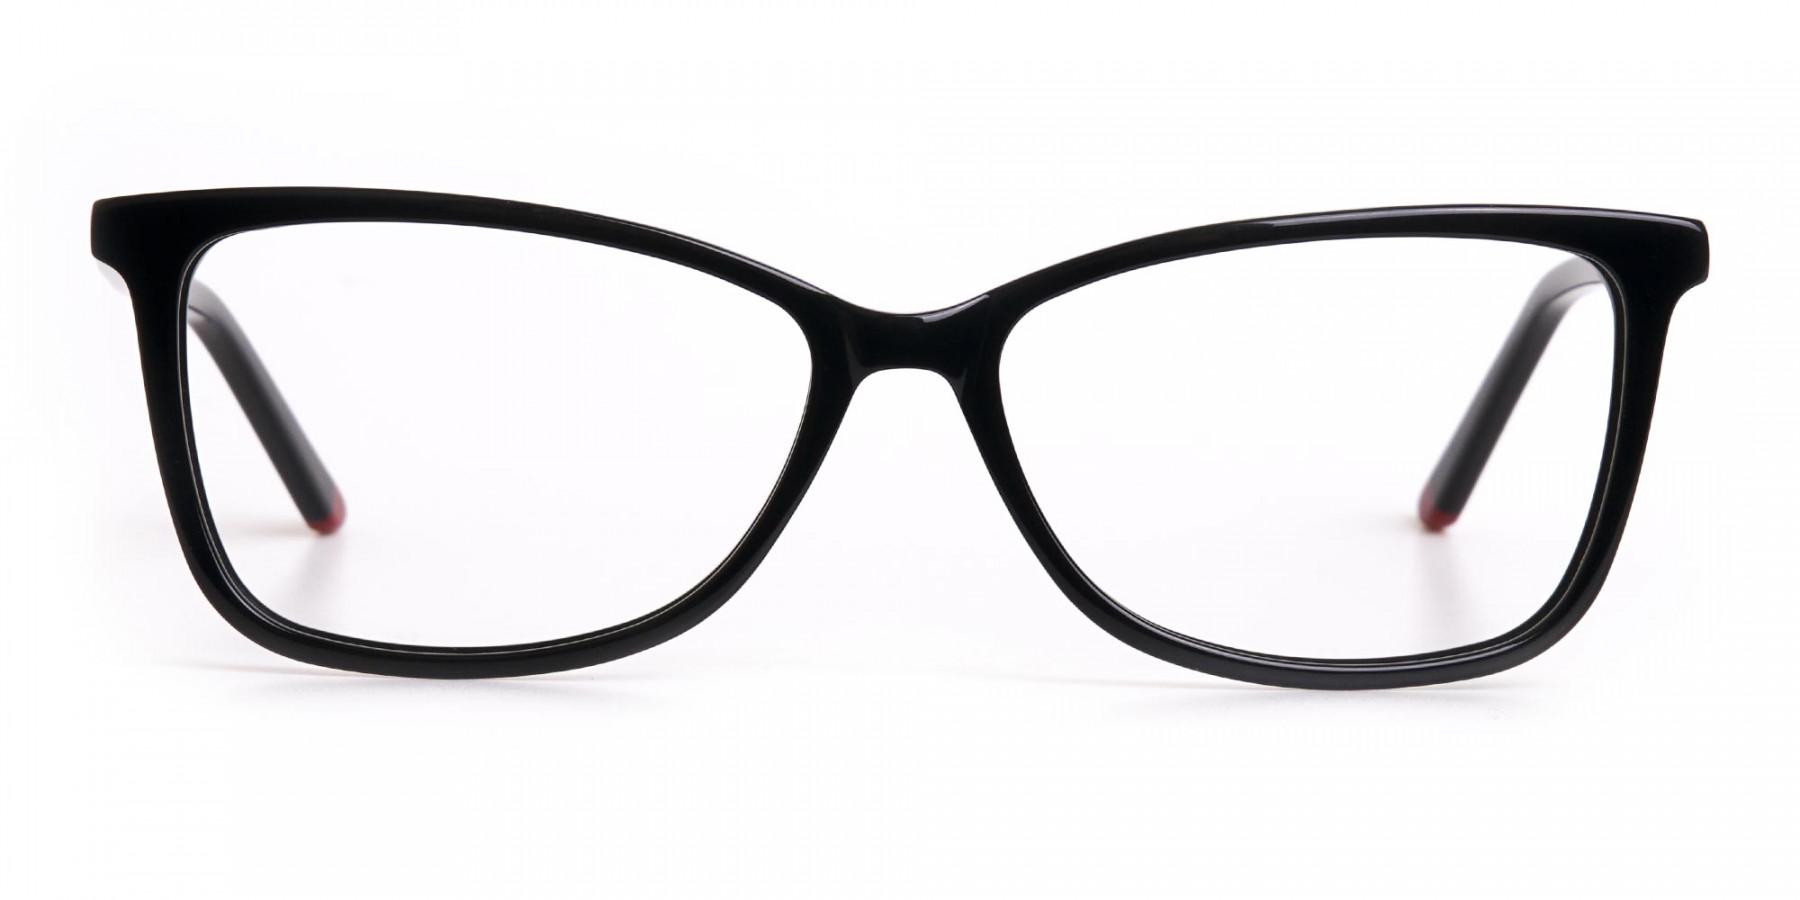 Black Cat-Eye Rectangular Eyeglasses Frame Women -1